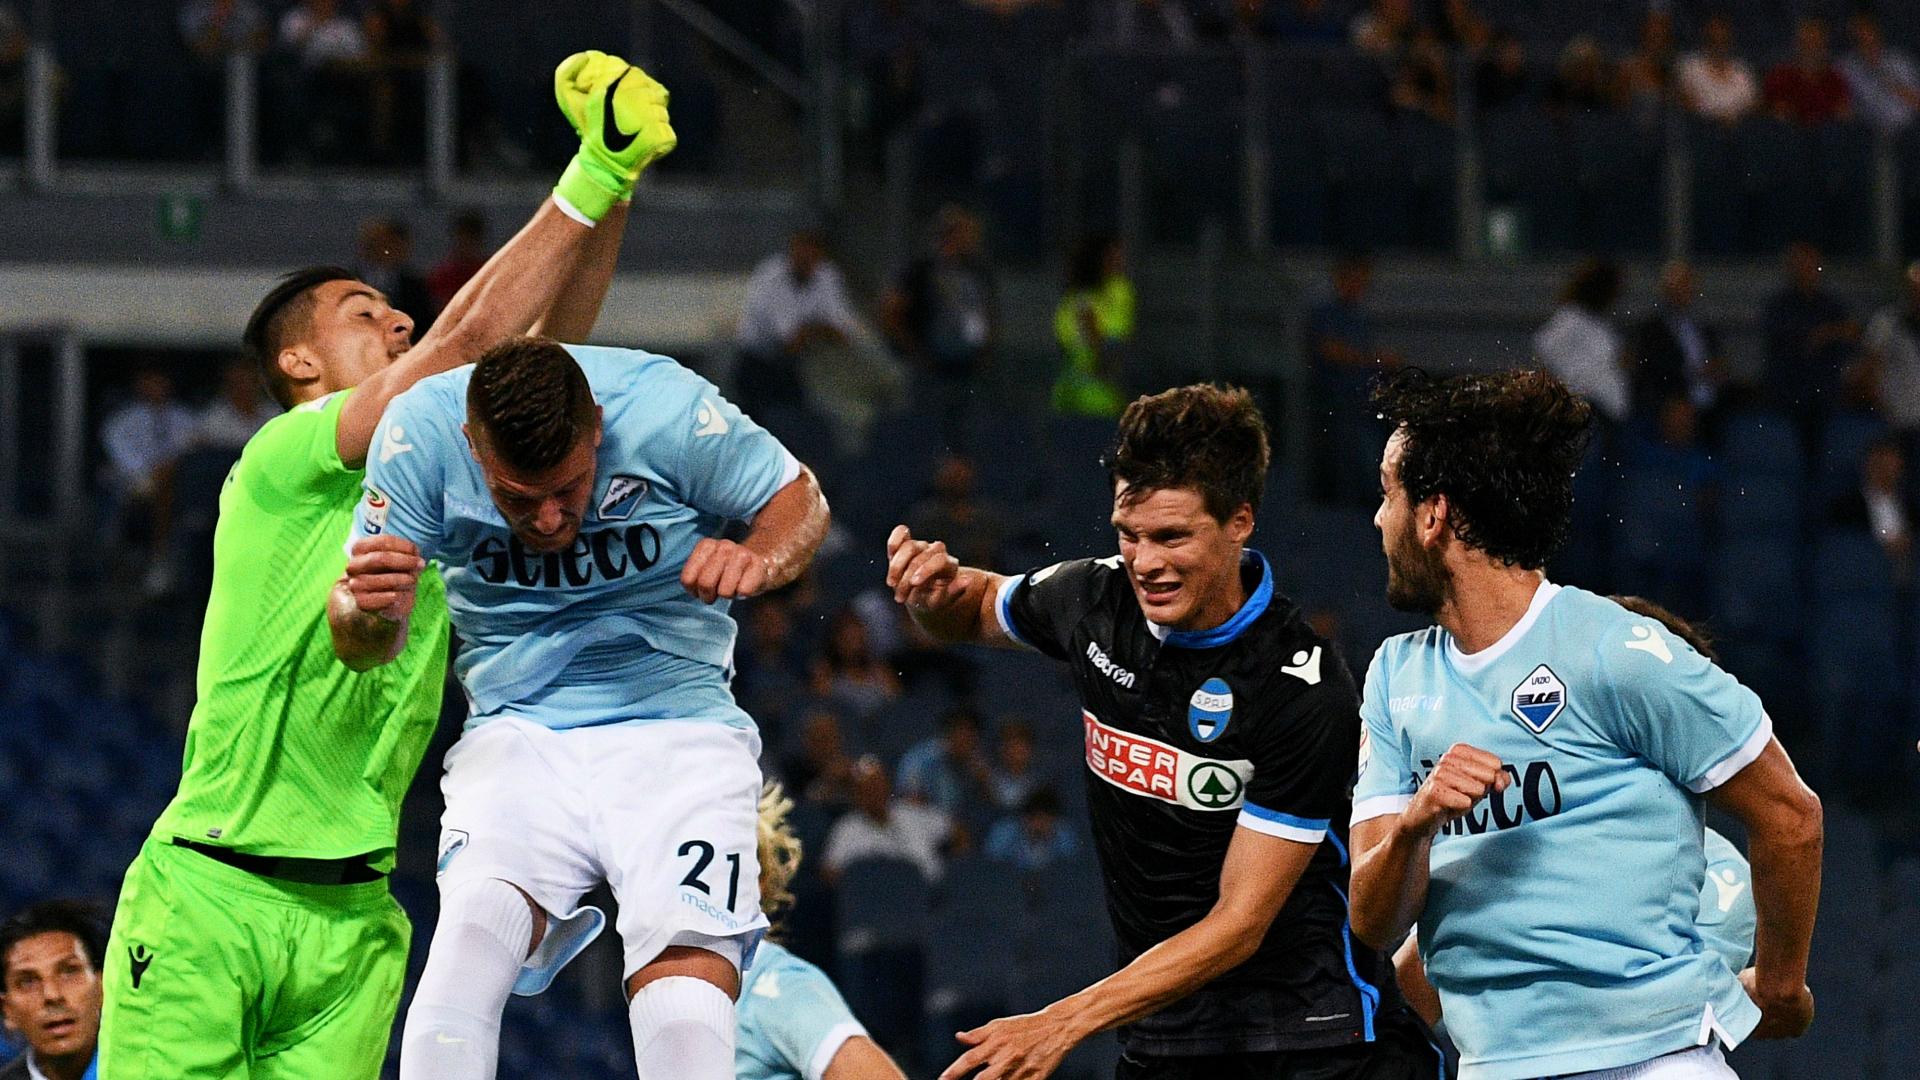 La Lazio sottovaluta una Spal tosta: 0-0